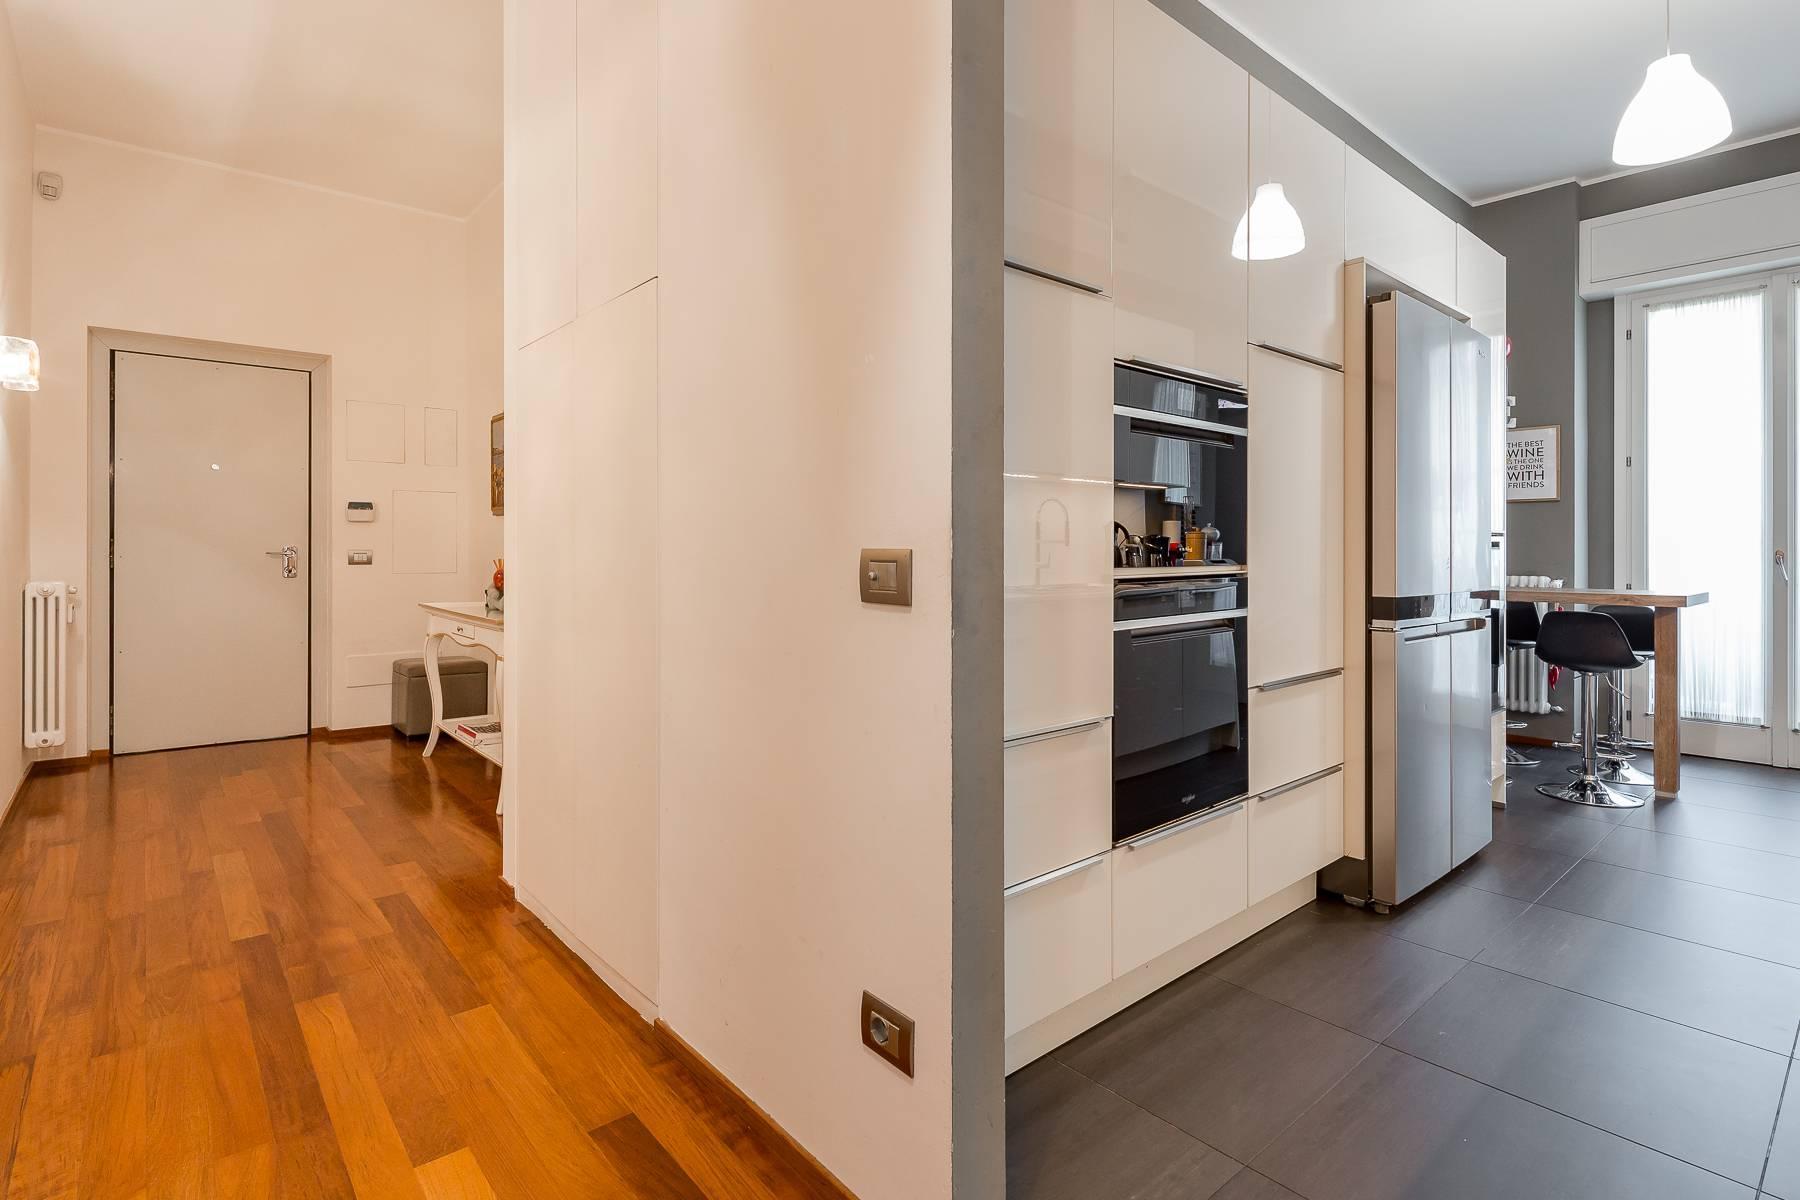 Renovierte Wohnung im Stadtviertel Ticinese/Darsena - 11